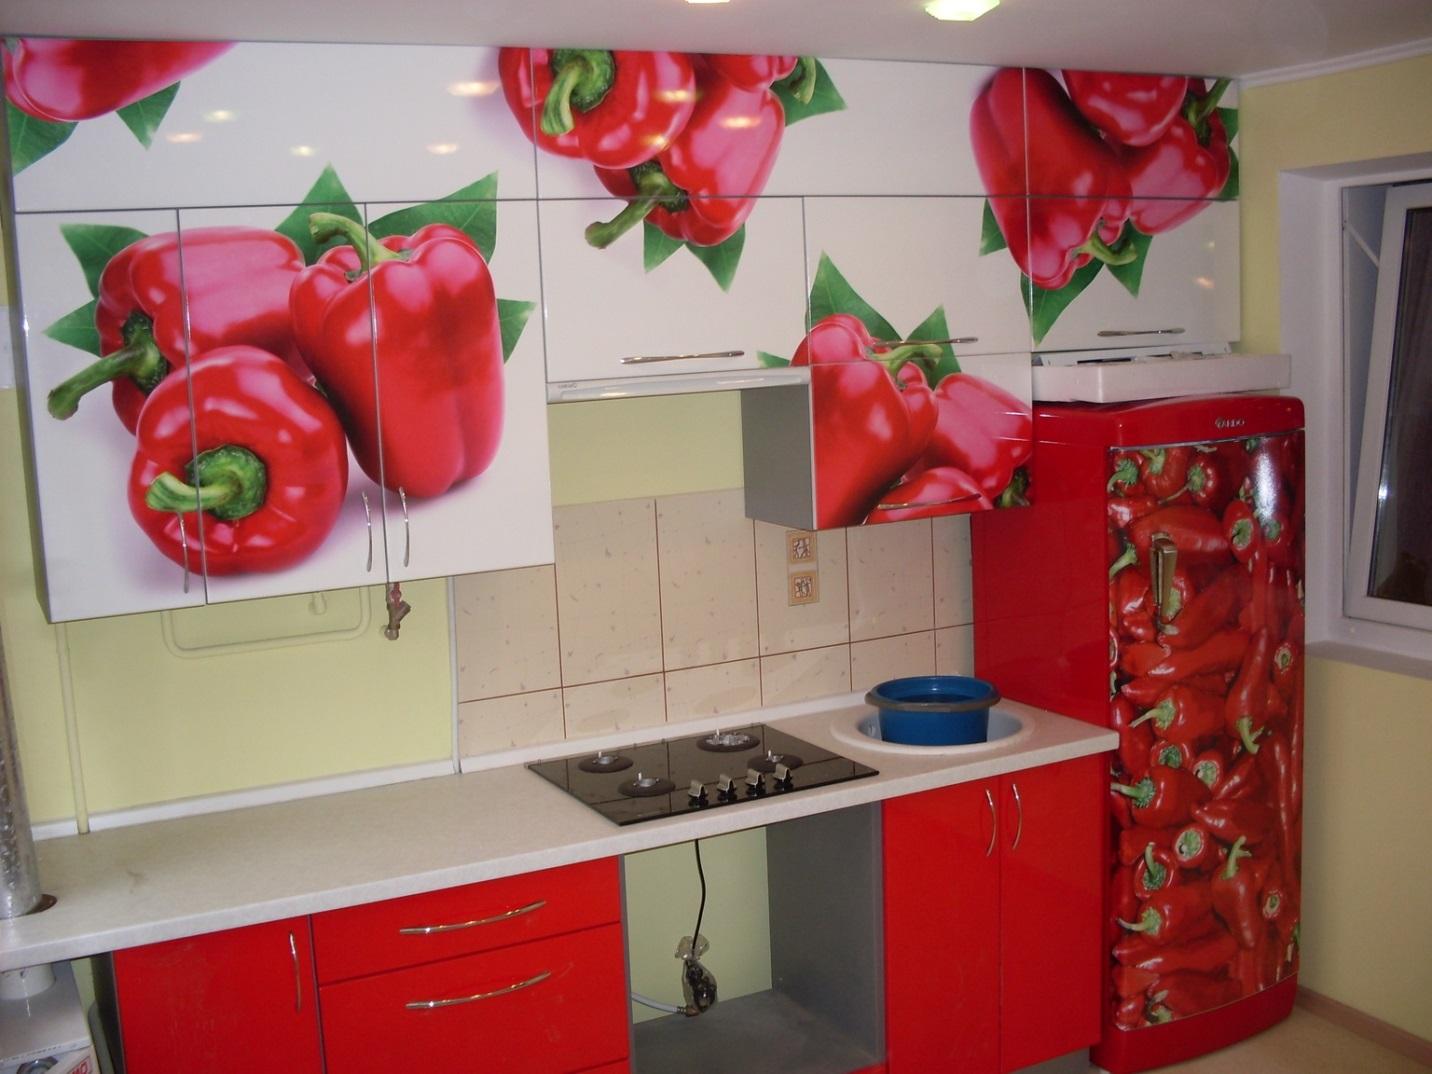 08.Аппетитные яркие овощи – одна из популярных тем кухонного дизайна.